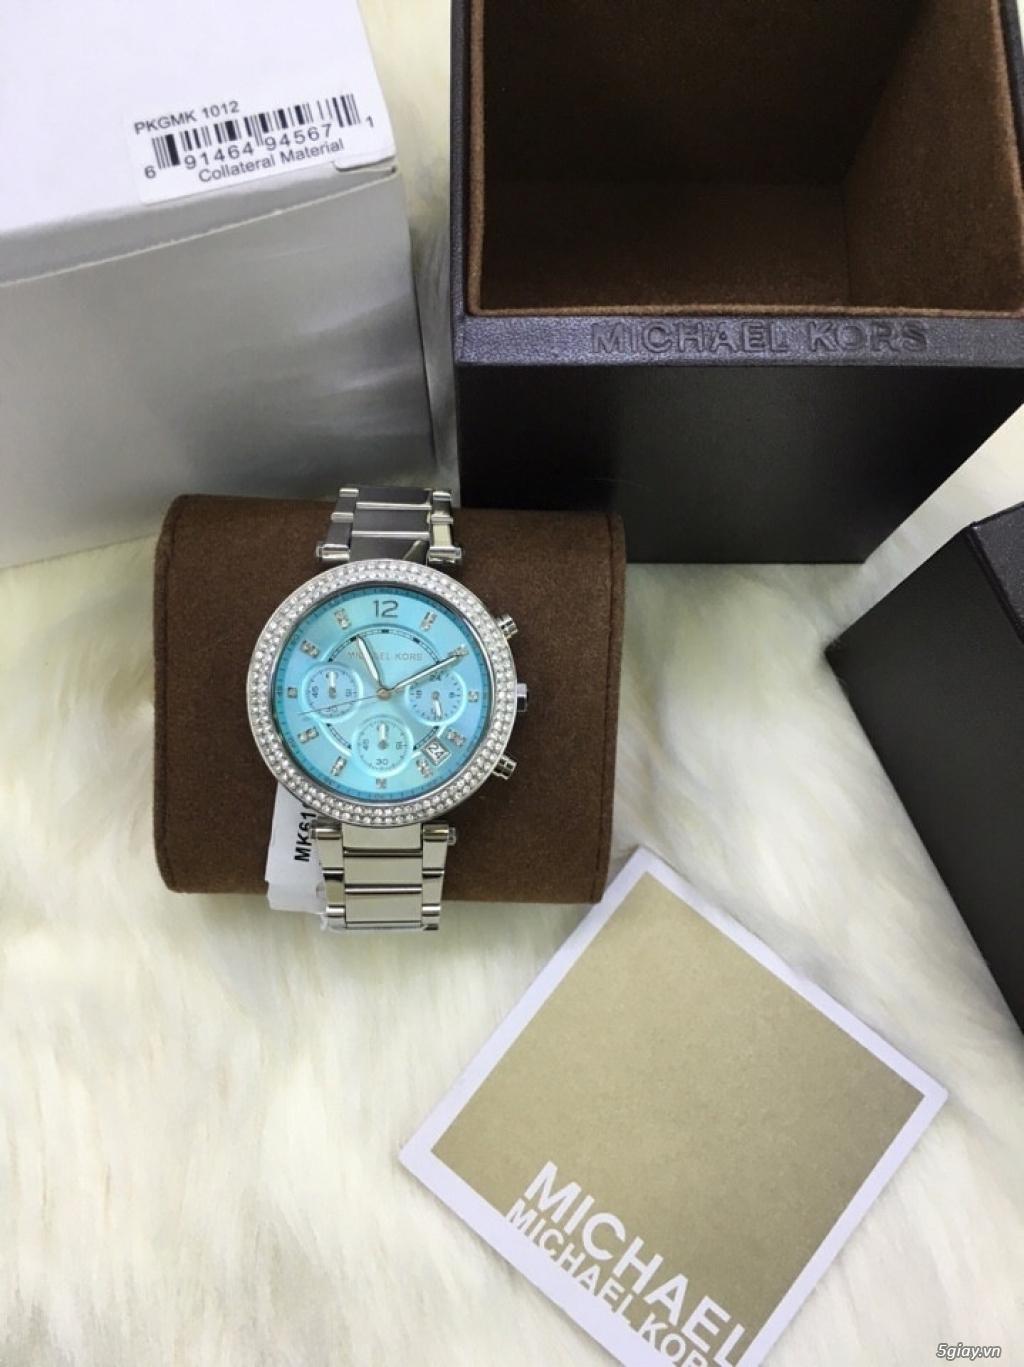 Đồng hồ chính hãng Michael Kors giá rẻ - 44